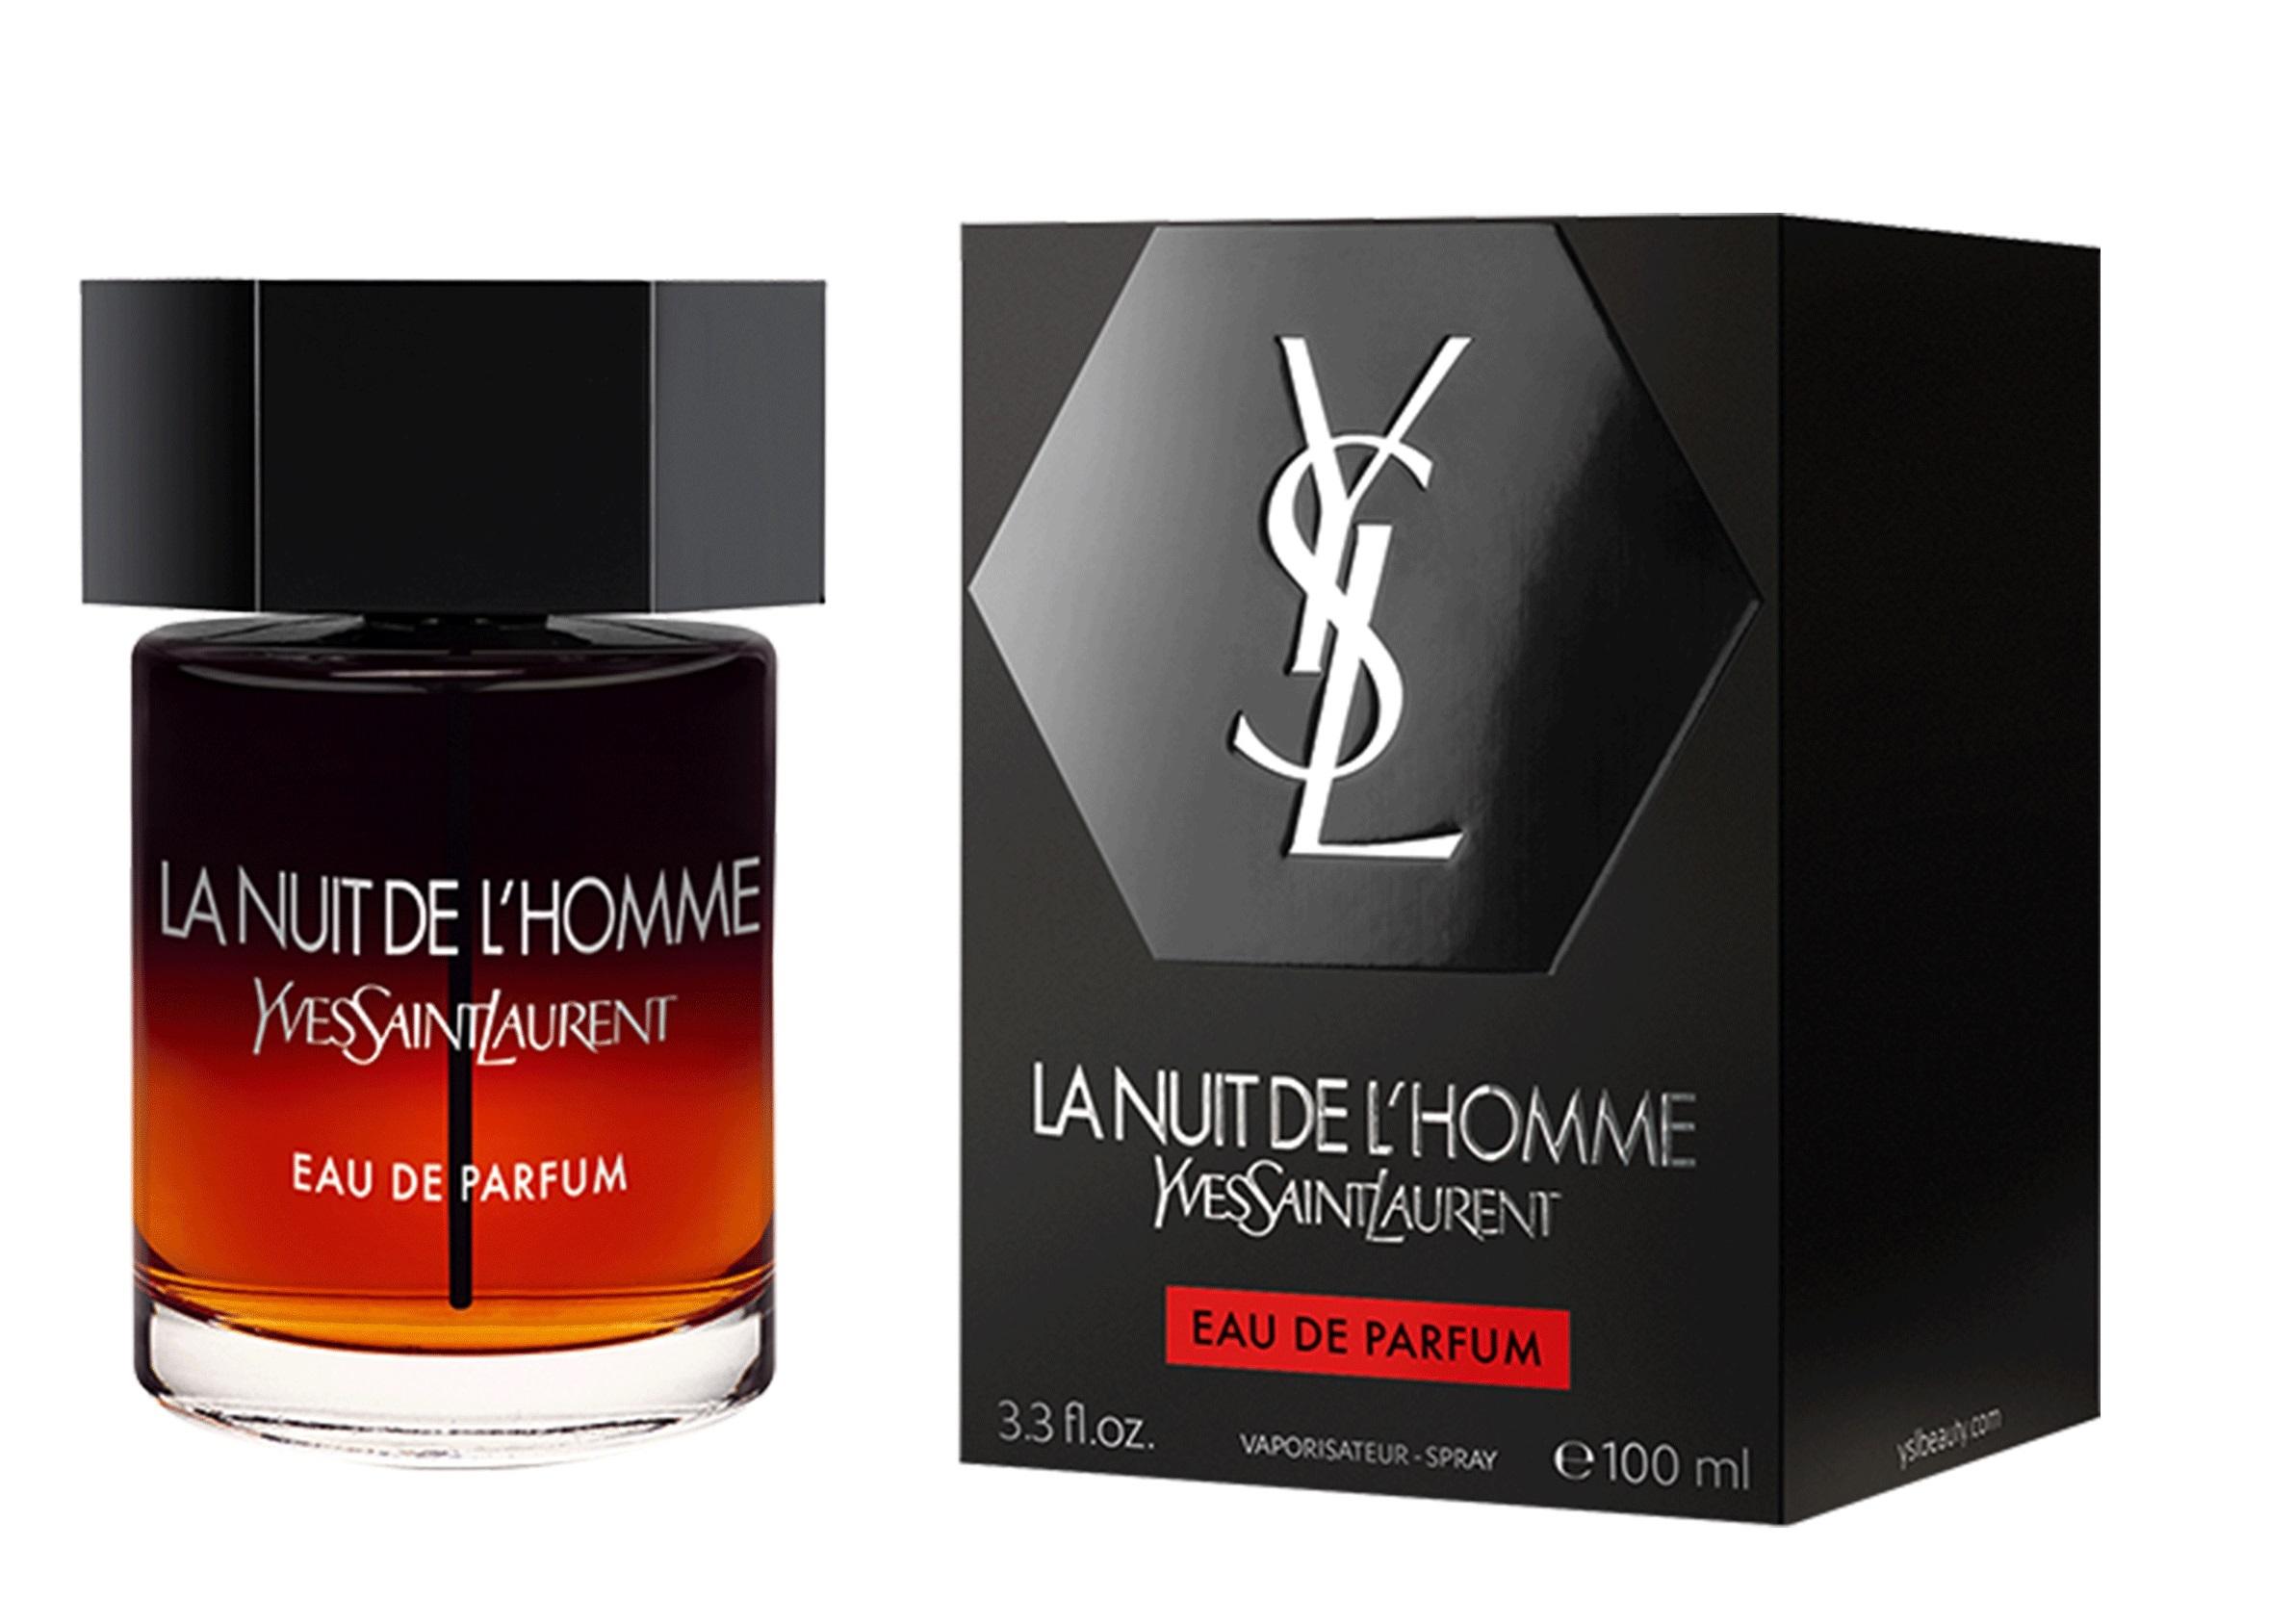 bed26b9326229 Yves Saint Laurent La Nuit de L'Homme Eau de Parfum ~ Perfumowe nowości